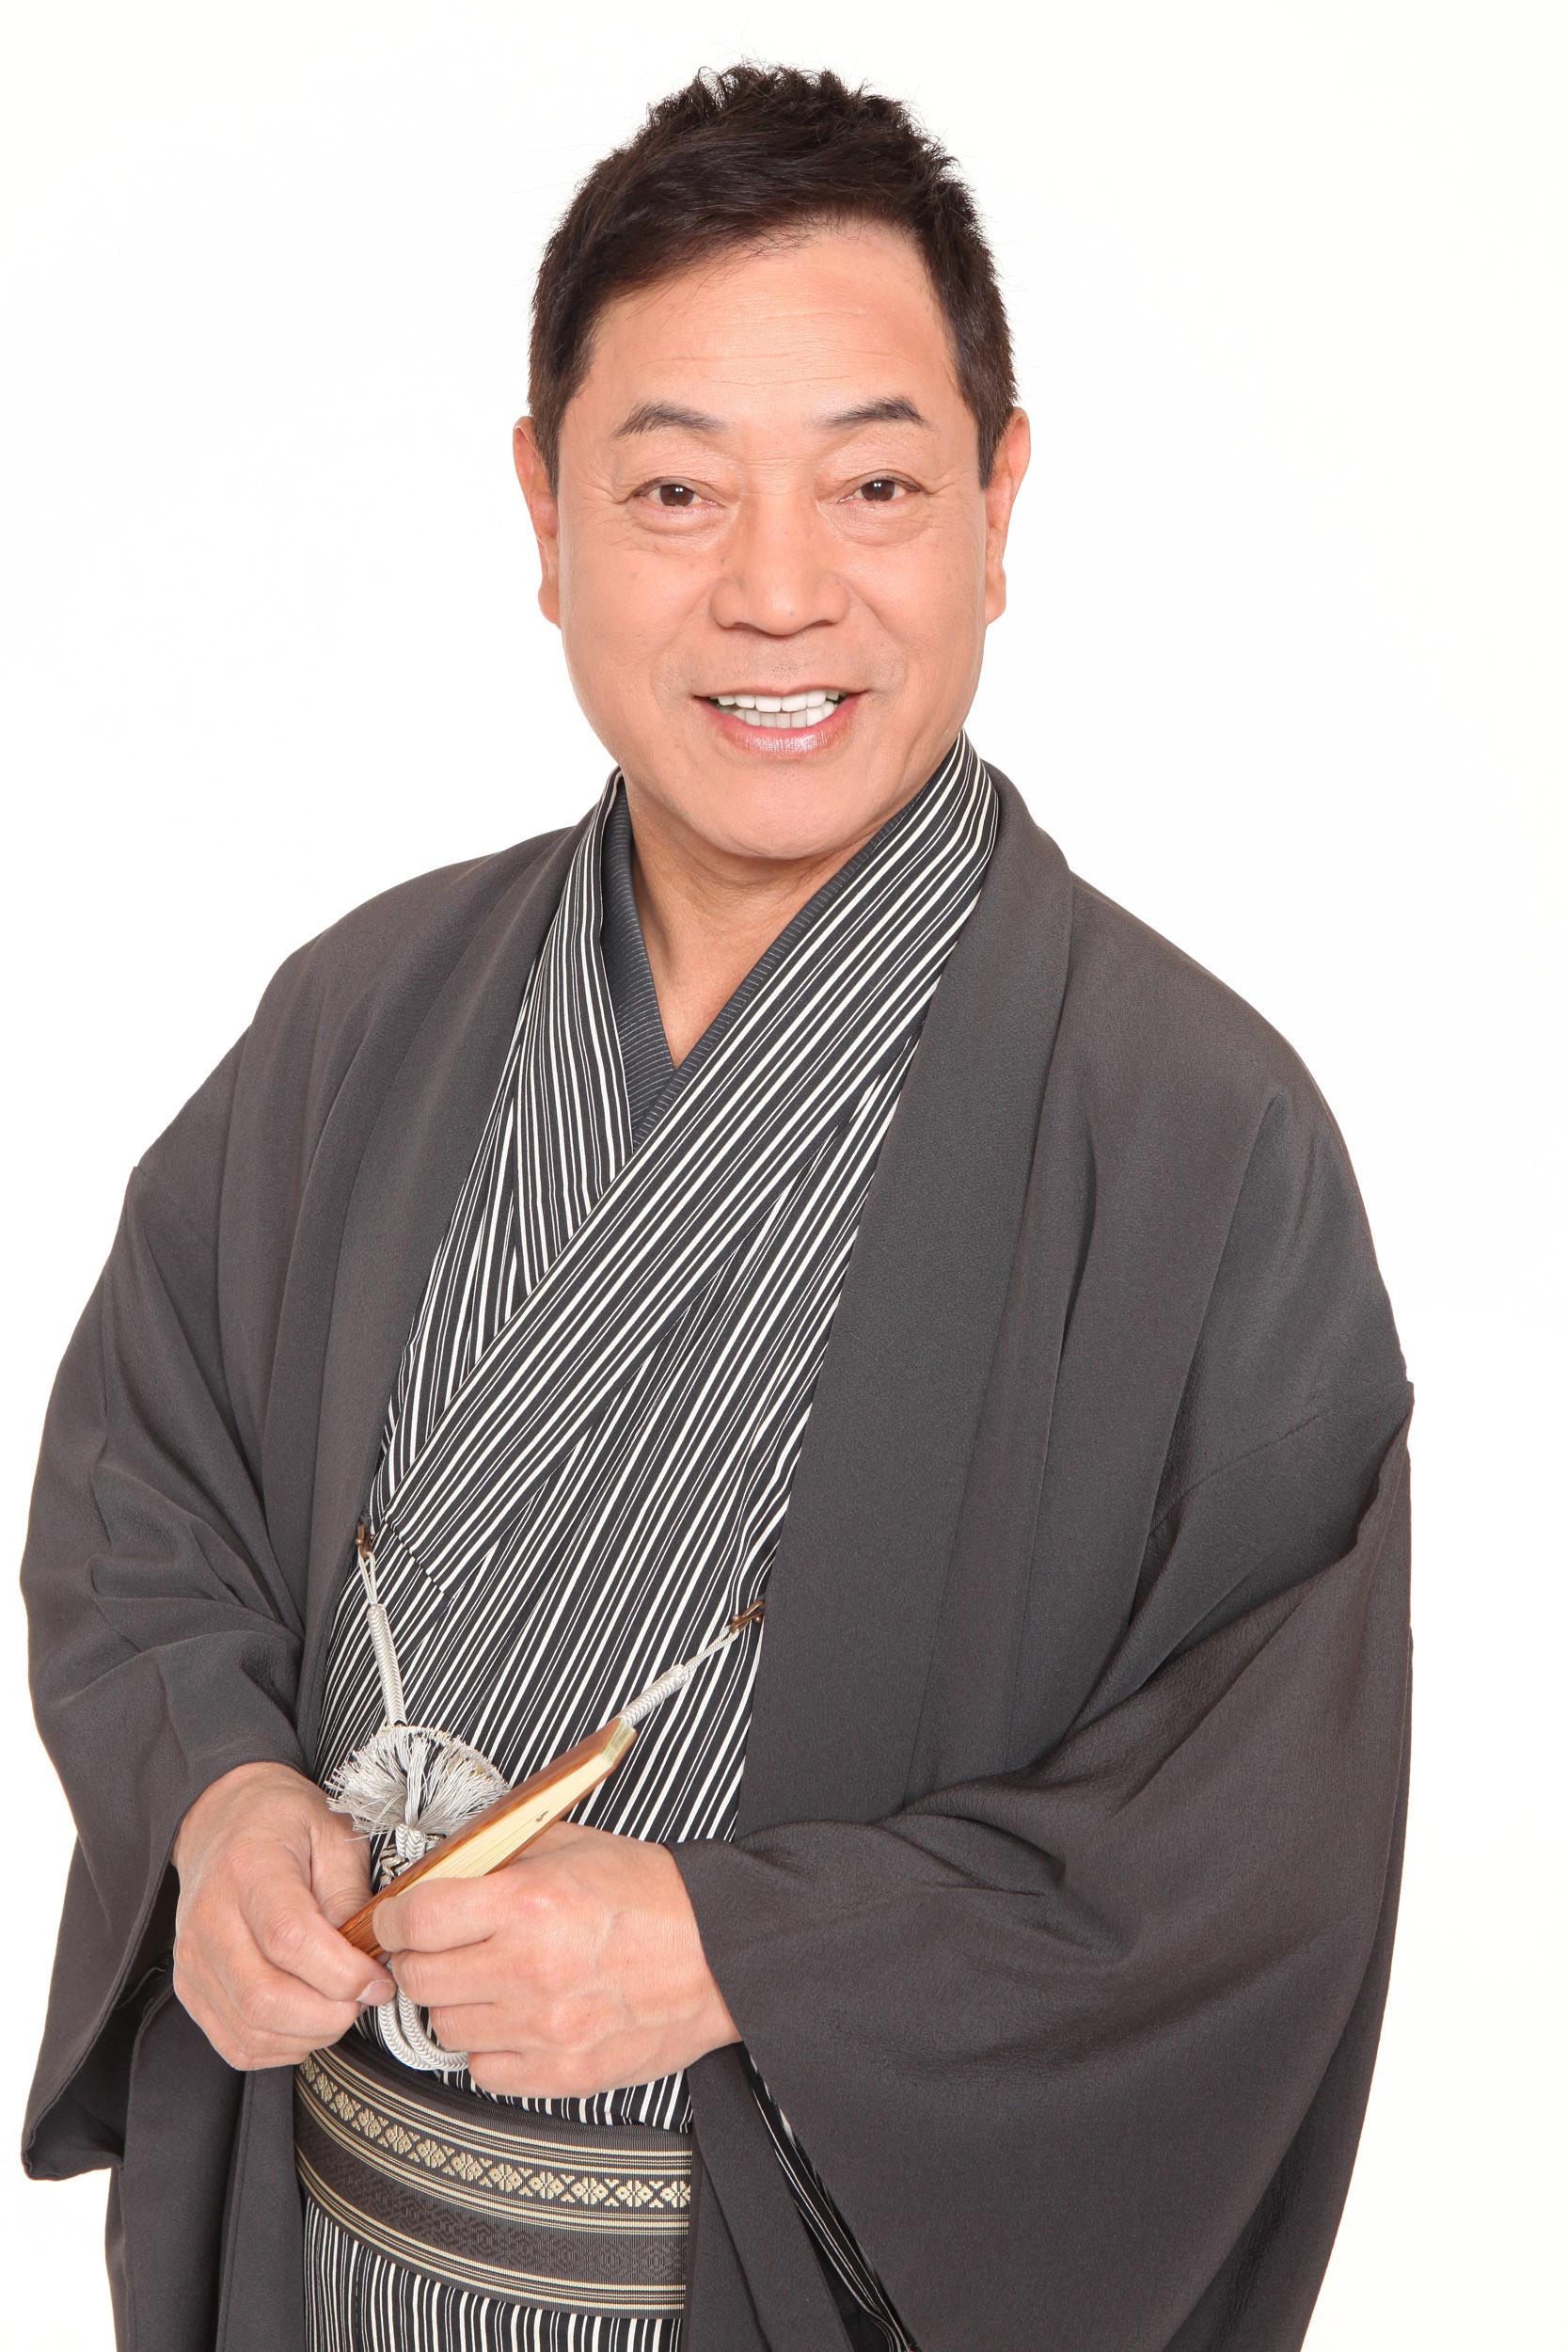 http://www.syumatsu.jp/photos/uncategorized/2015/04/07/20150407160835-0478a845b789c7c100f6235349525524aa1ea55a.jpg